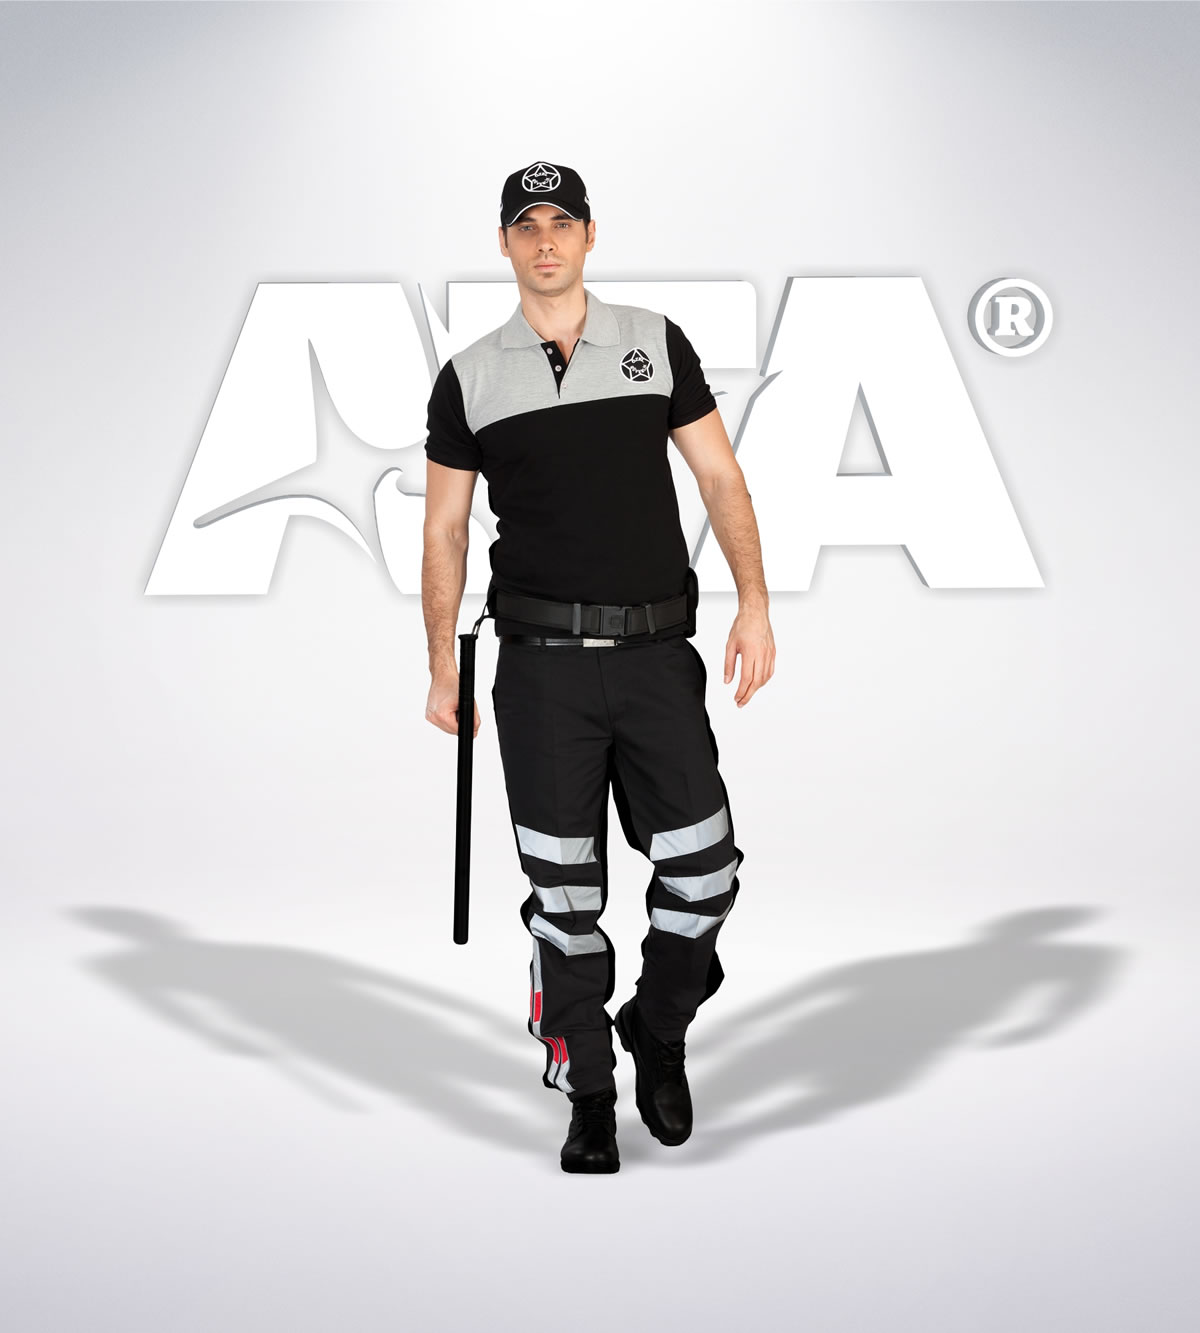 ATA 108 - ribstop kumaş pantolon - t-shirt - aksesuar - reflektör - güvenlik elbiseleri | güvenlik üniformaları | güvenlik kıyafetleri